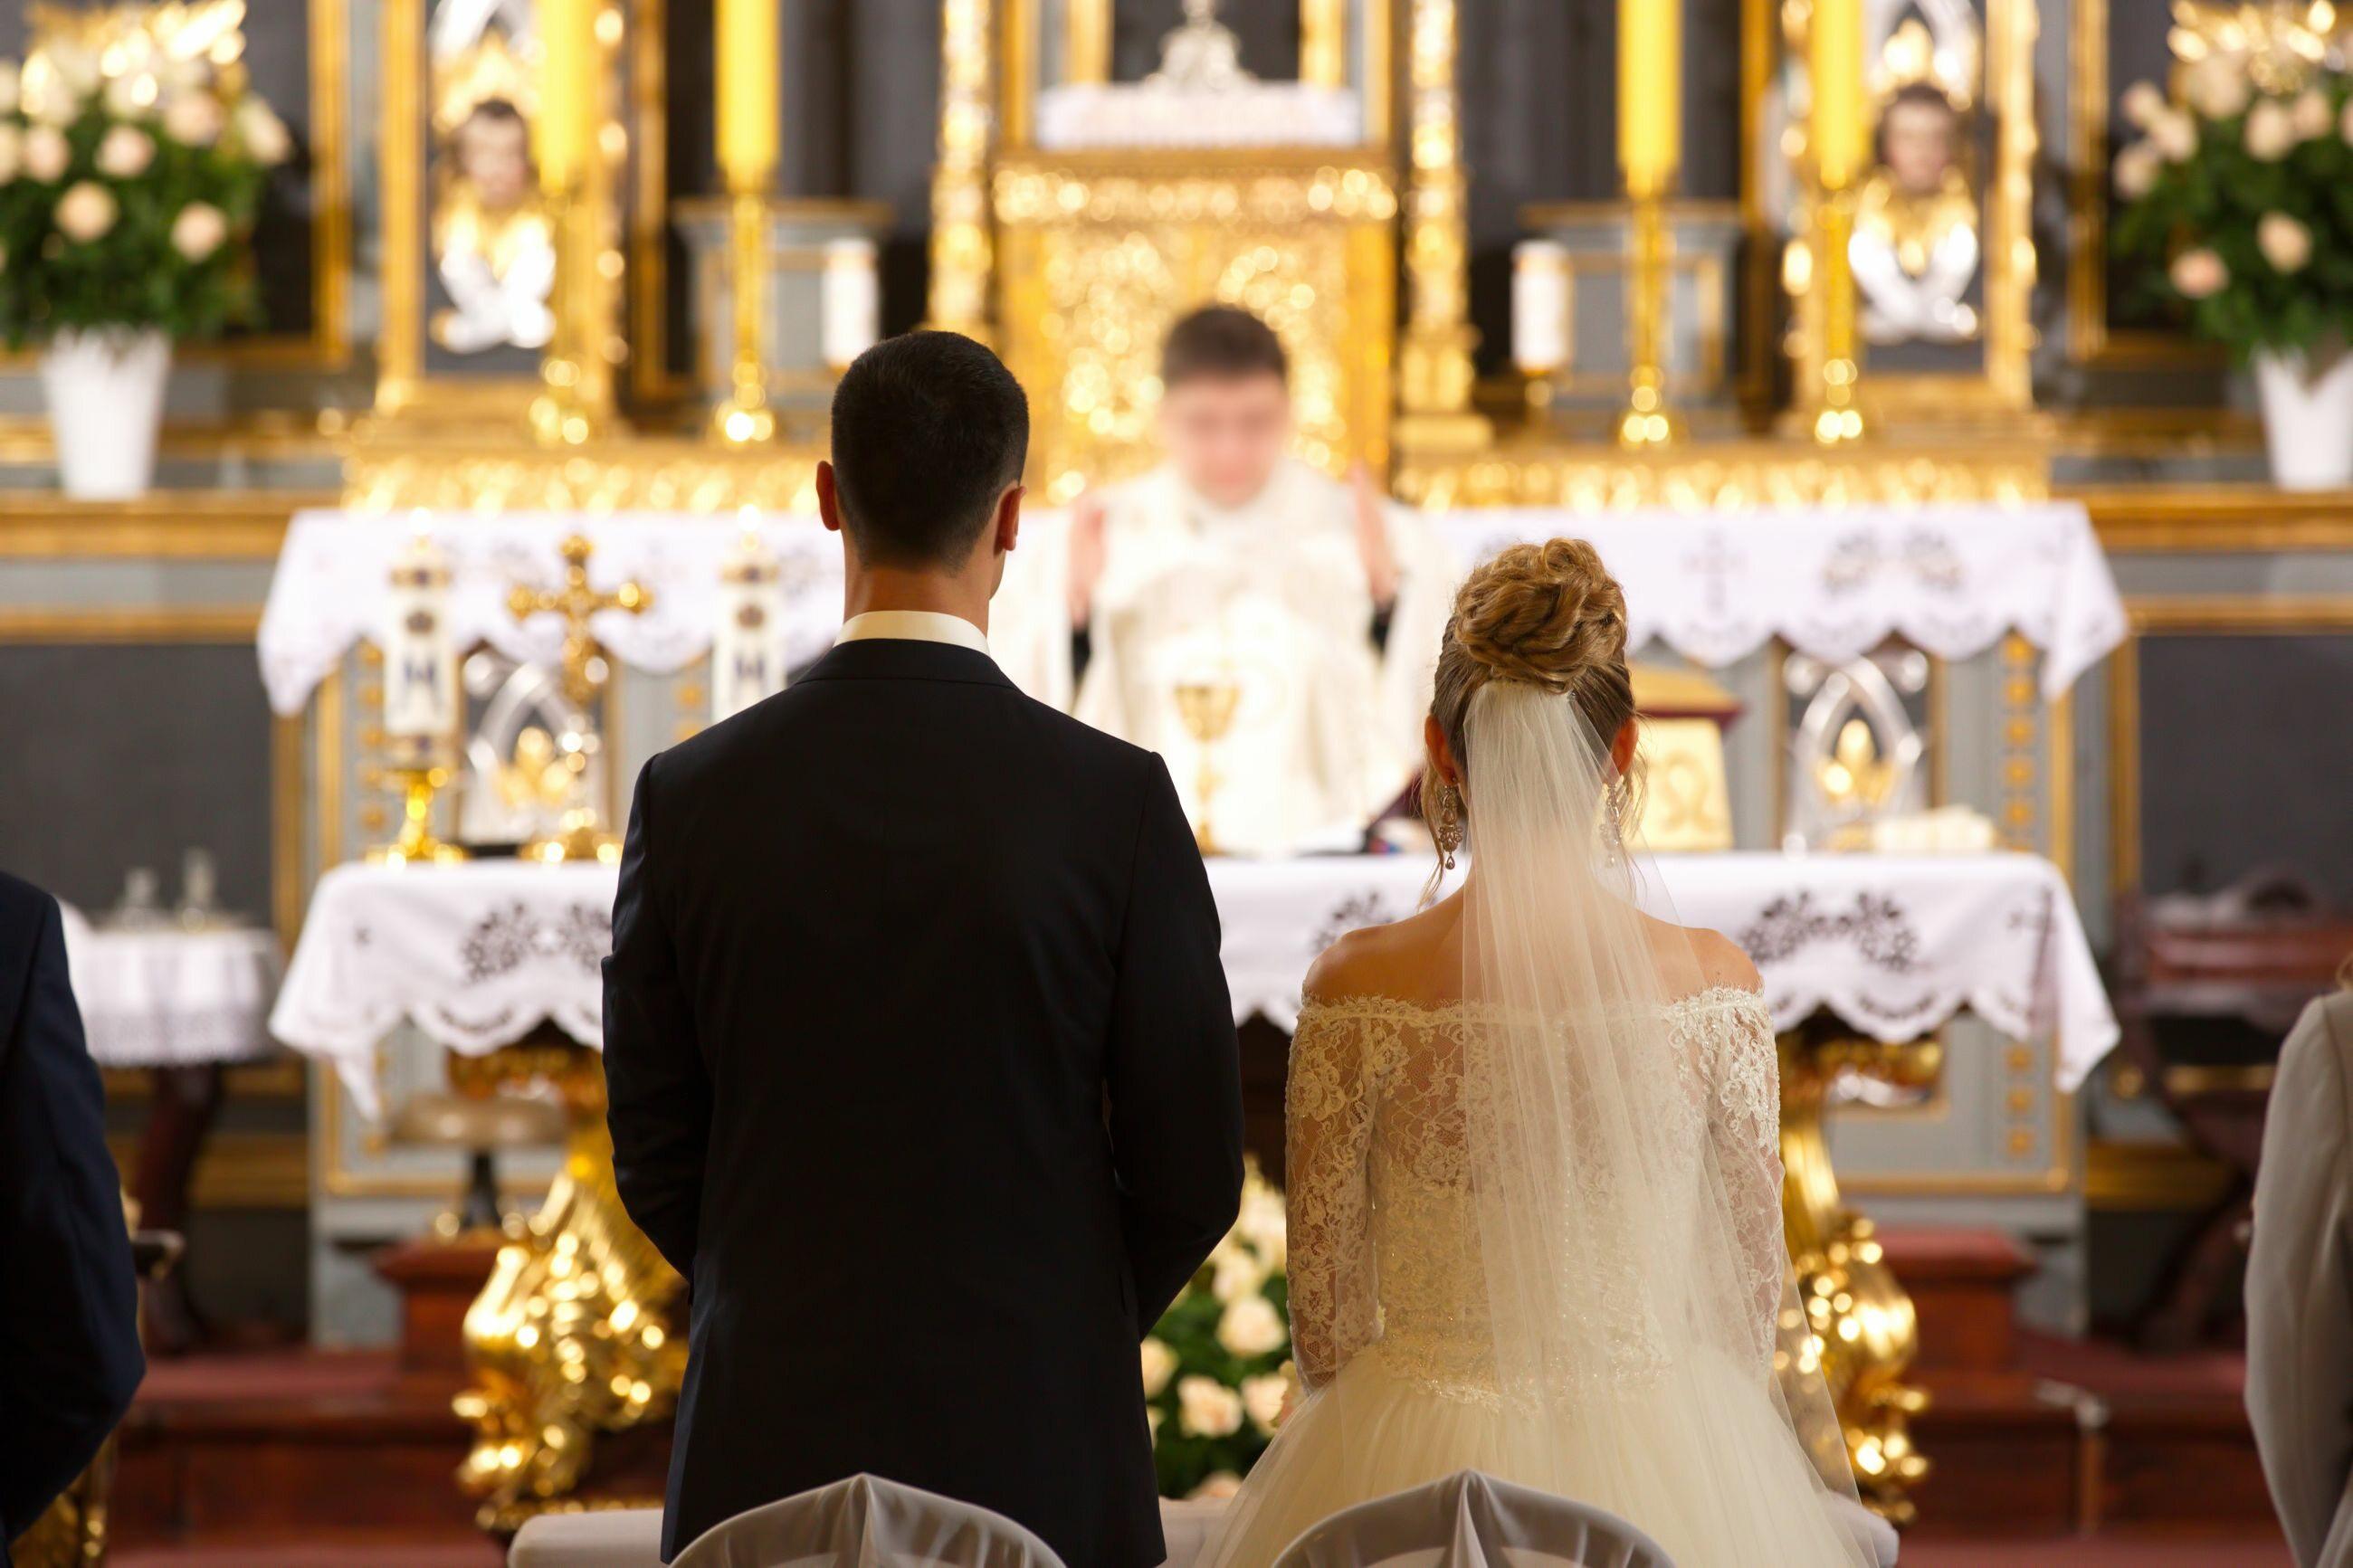 Ślub kościelny, zdjęcie ilustracyjne